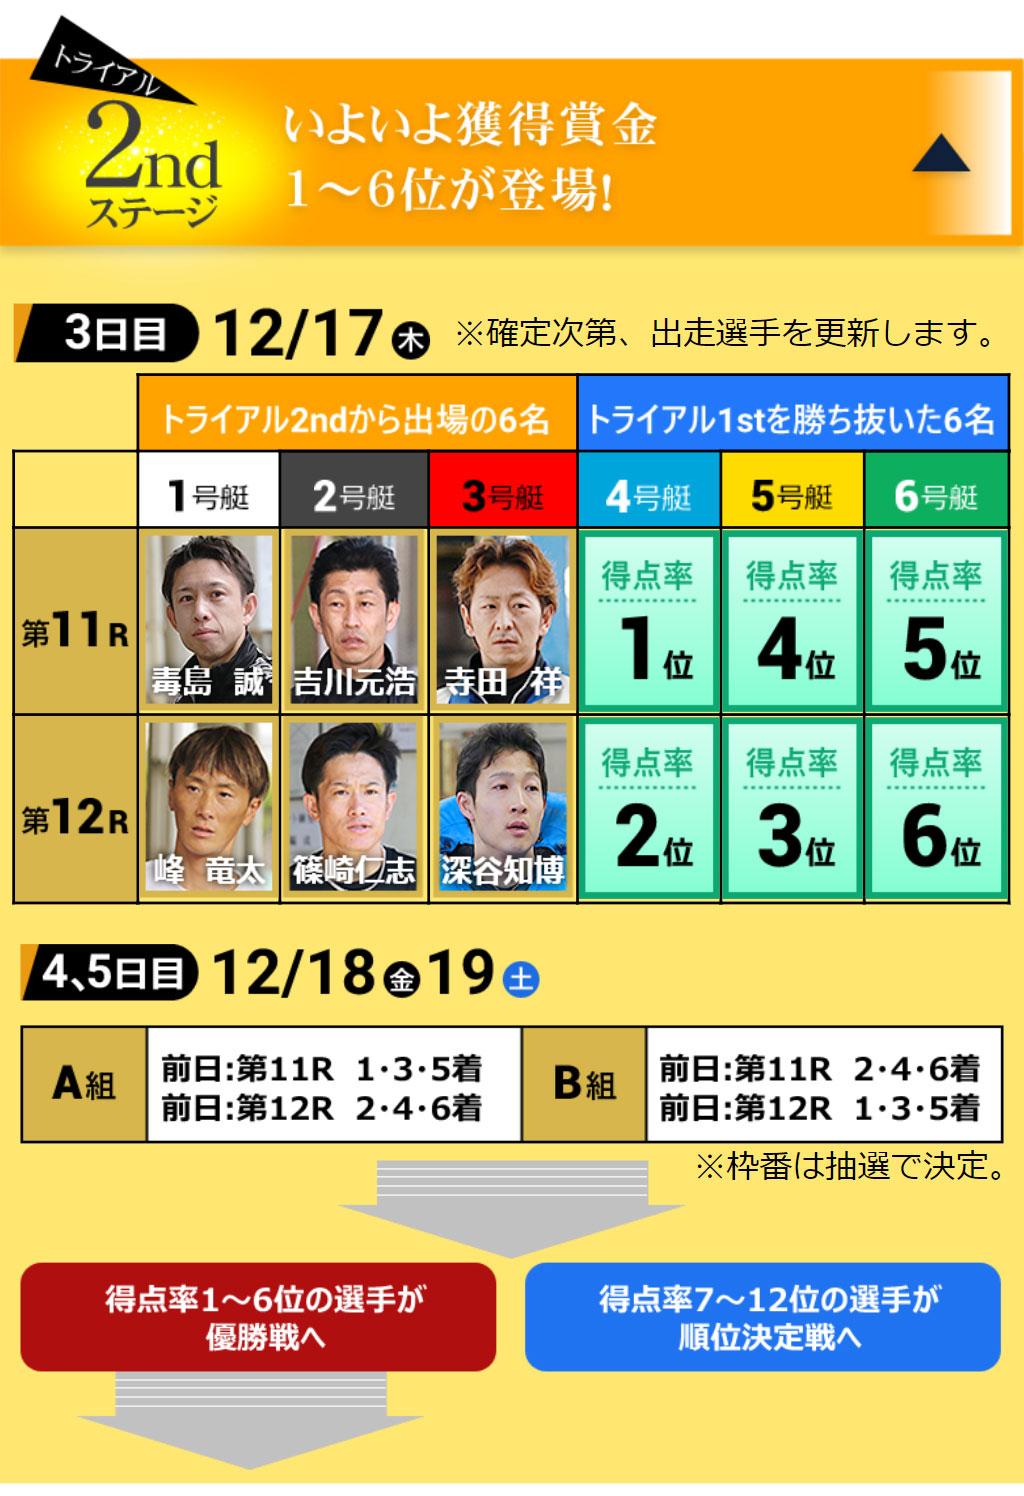 【競艇SG】第35回グランプリ3日目出場選手順位、選出除外者、概要などまとめ。ボートレース平和島